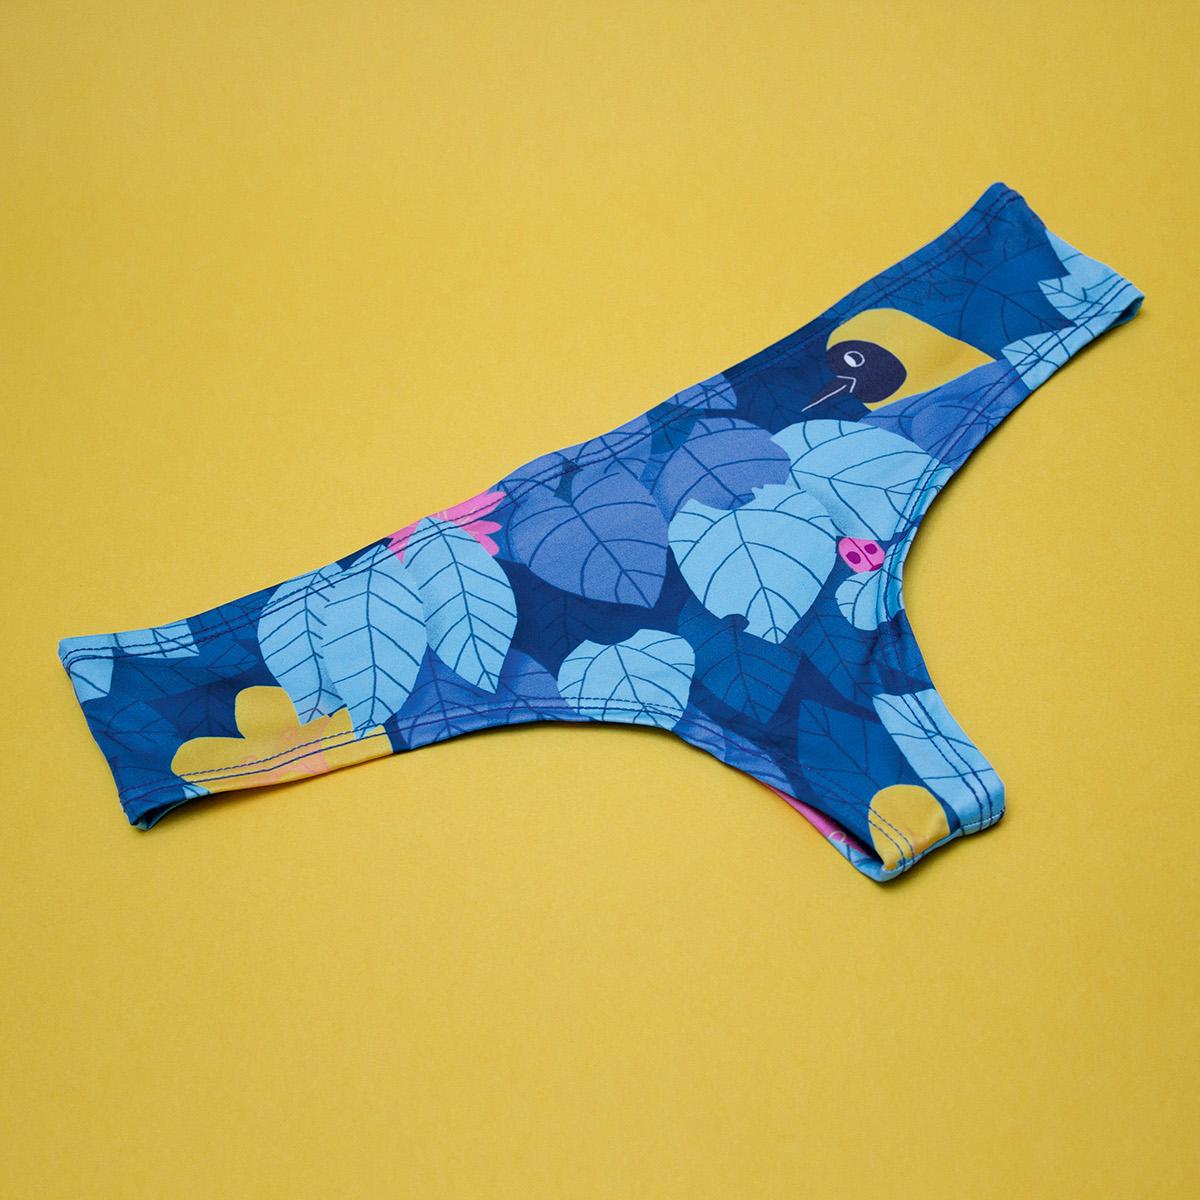 guardabosques underwear Ropa Interior pompavana Fungi jungle birds aves watercolor leaves